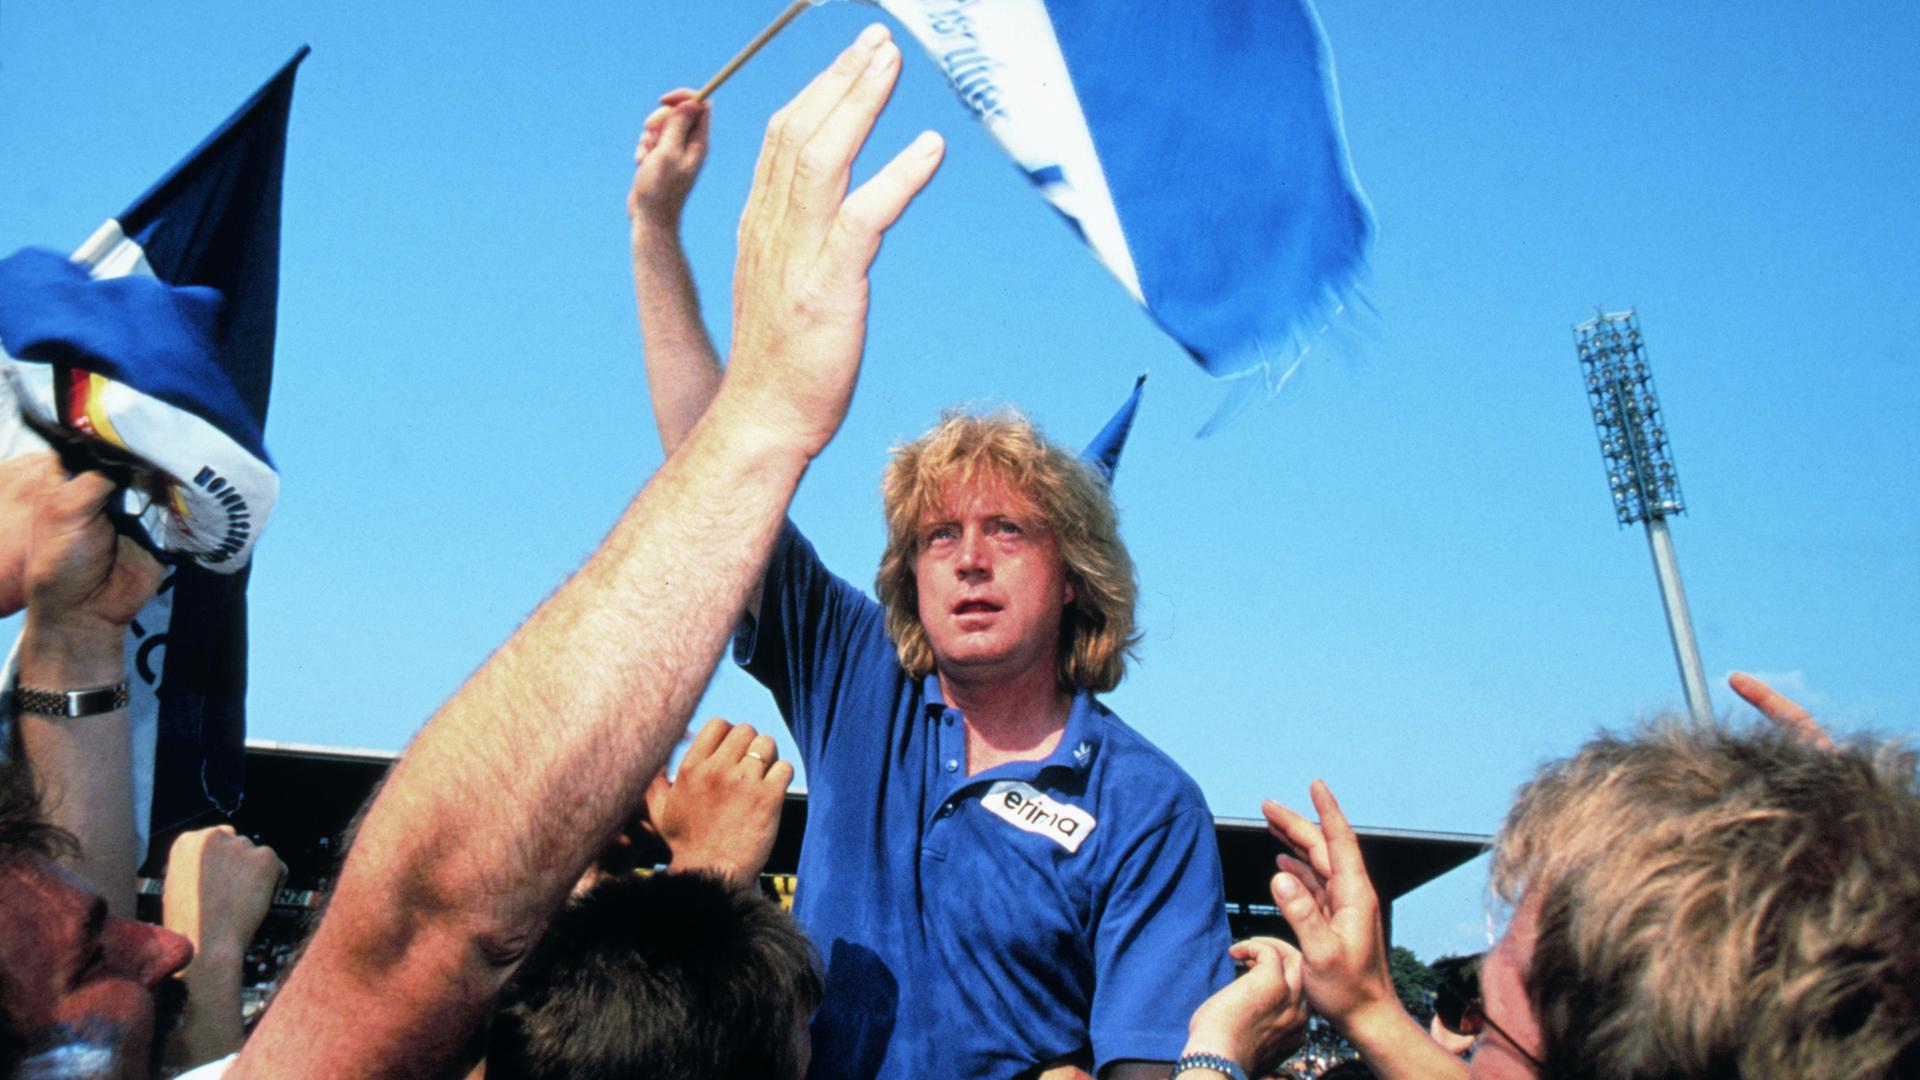 Auf Händen getragen: Winfried Schäfer prägte als Trainer zwischen 1986 und 1998 die erfolgreichste Phase des Karlsruher SC.